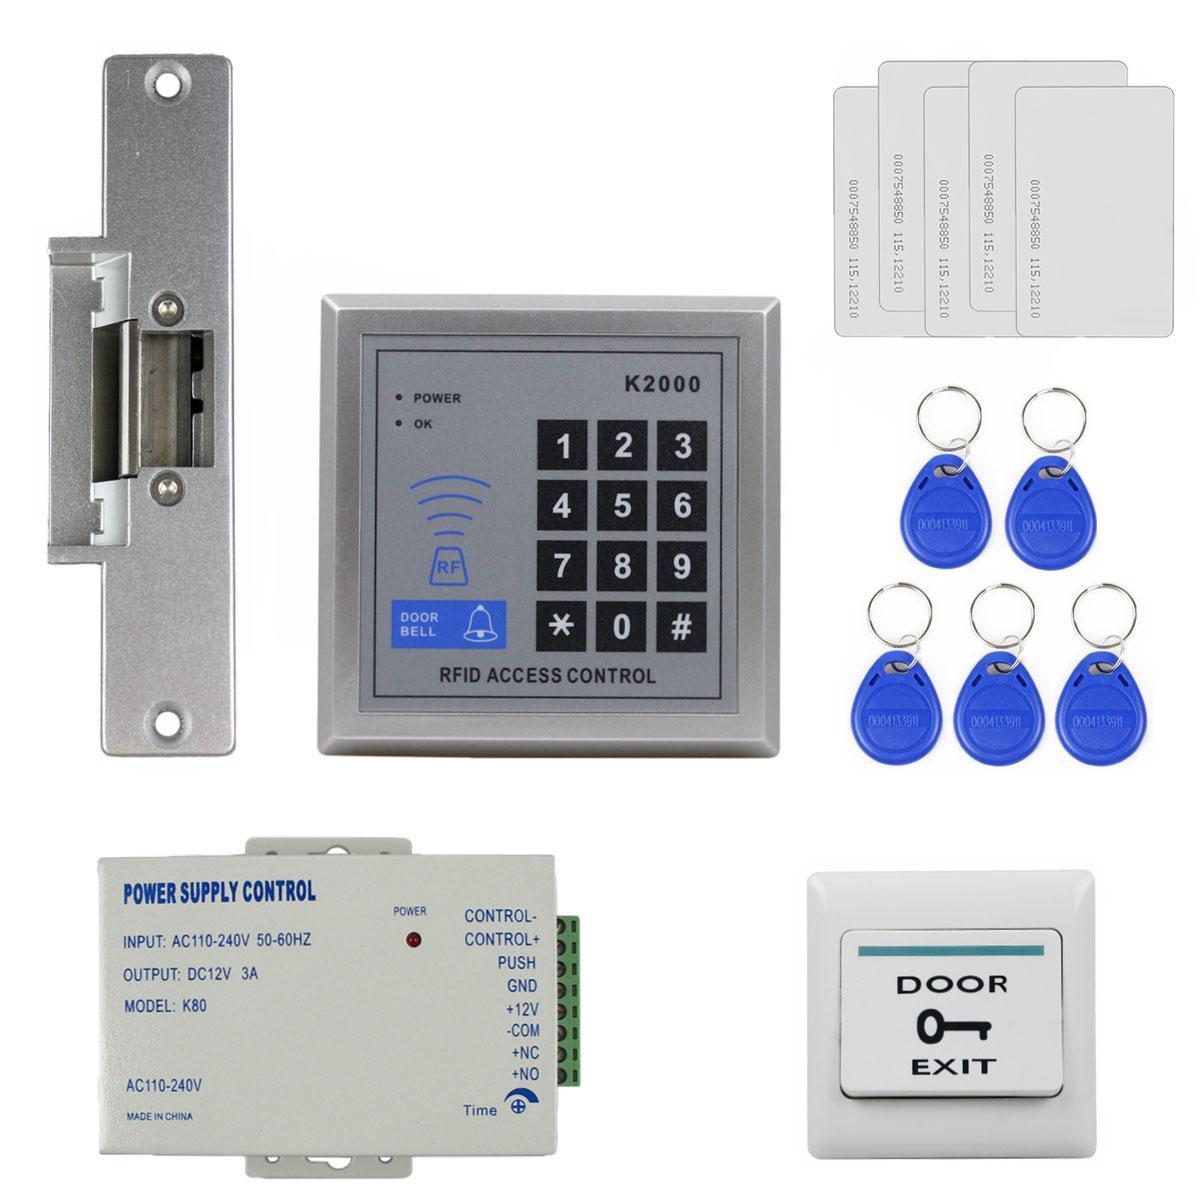 Grosshandel Diysecur Access Control System Fernbedienung Rfid Reader